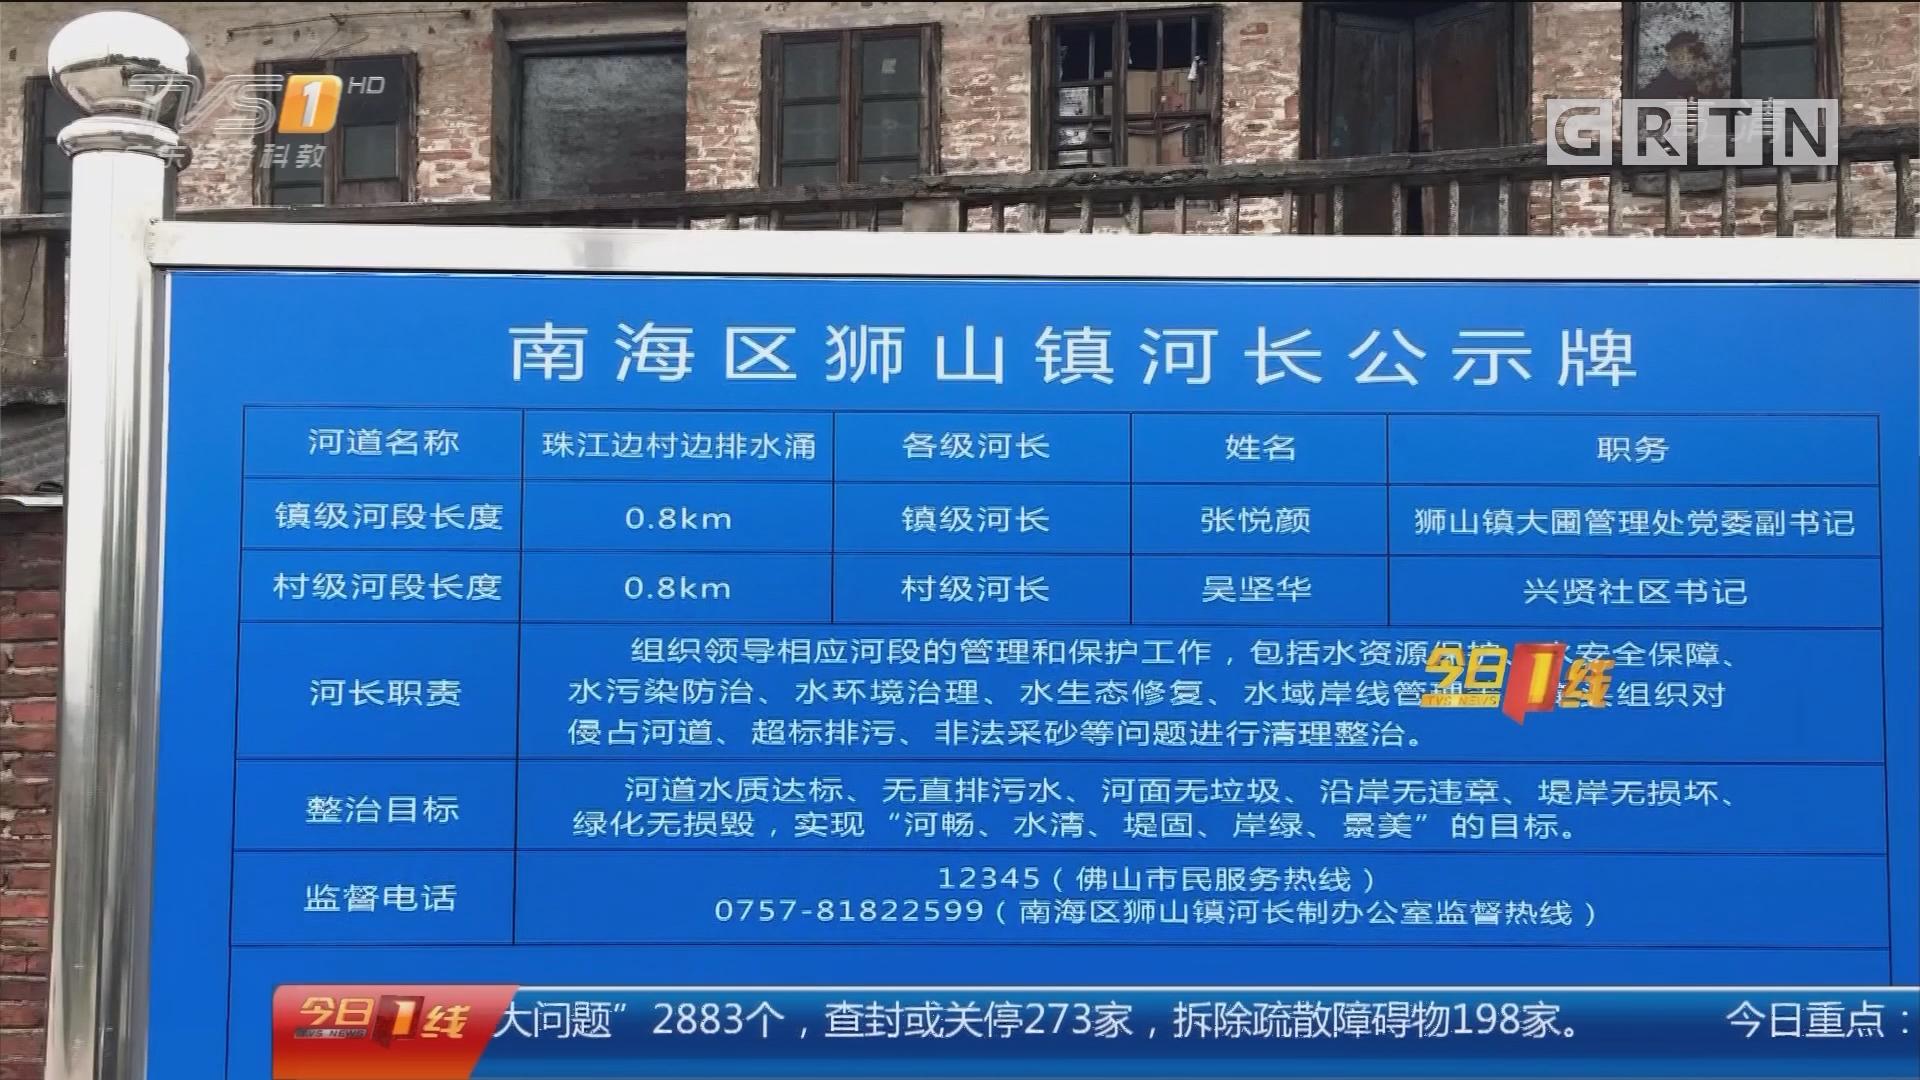 省纪委监委暗访曝光台:佛山南海 河涌污染重治理差 河长调门高行动少